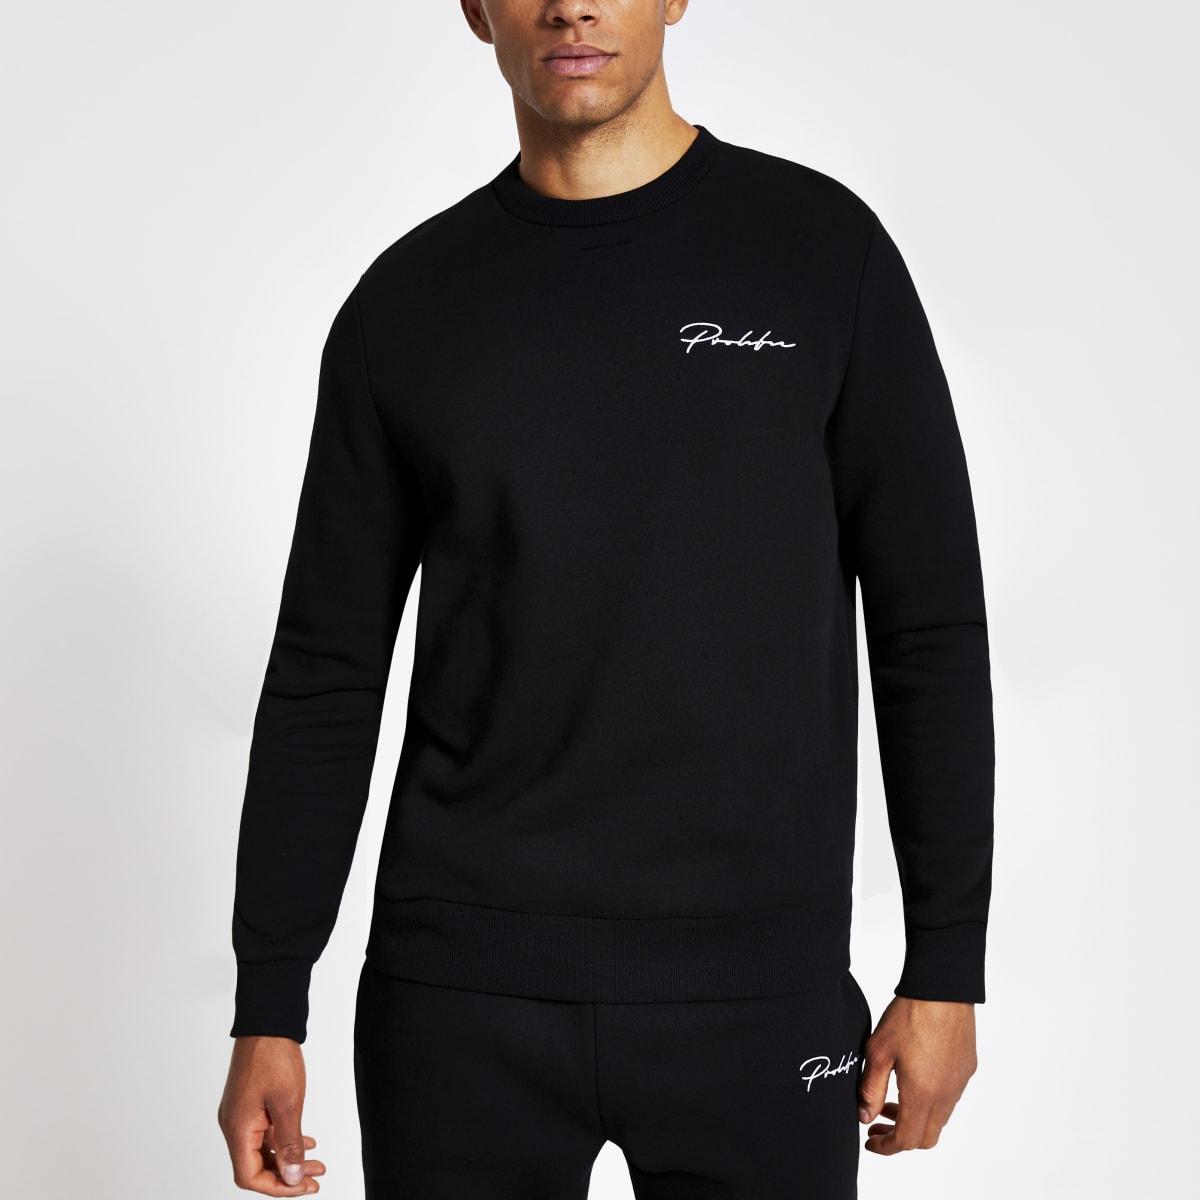 Sweatslim Prolific noir